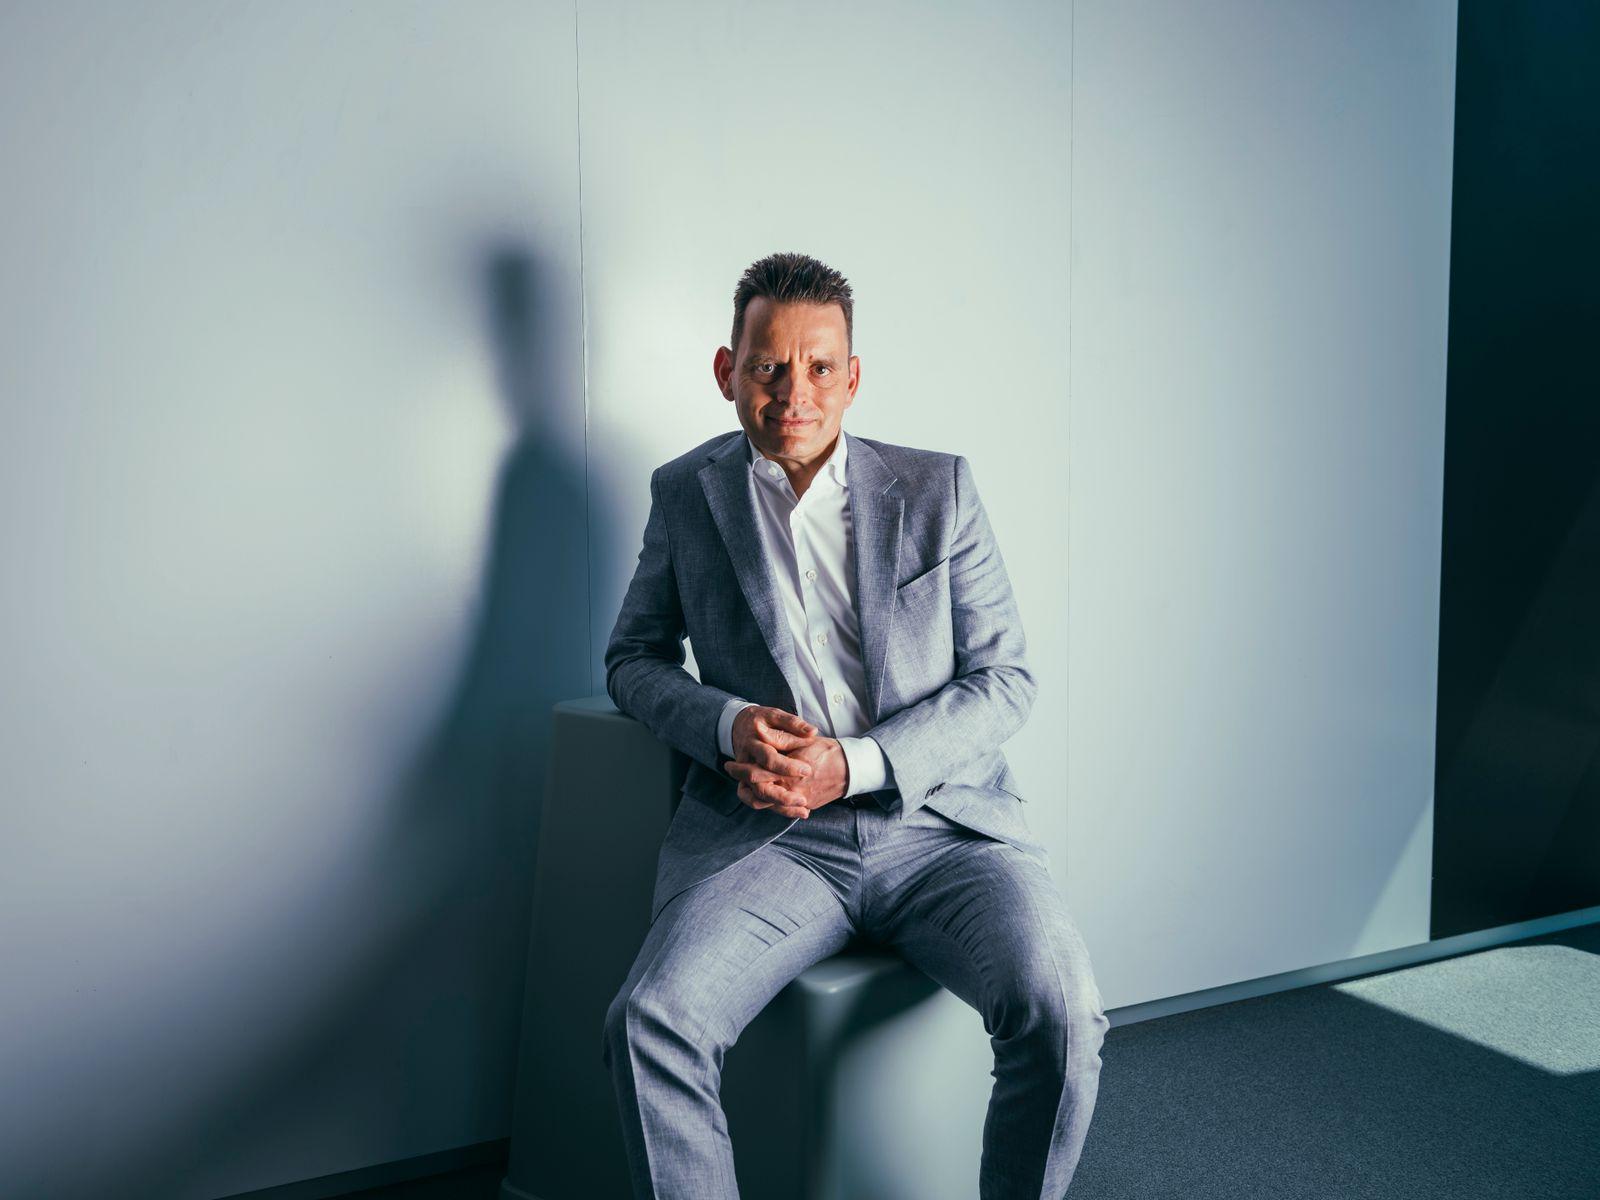 Leonhard Birnbaum, CEO Eon